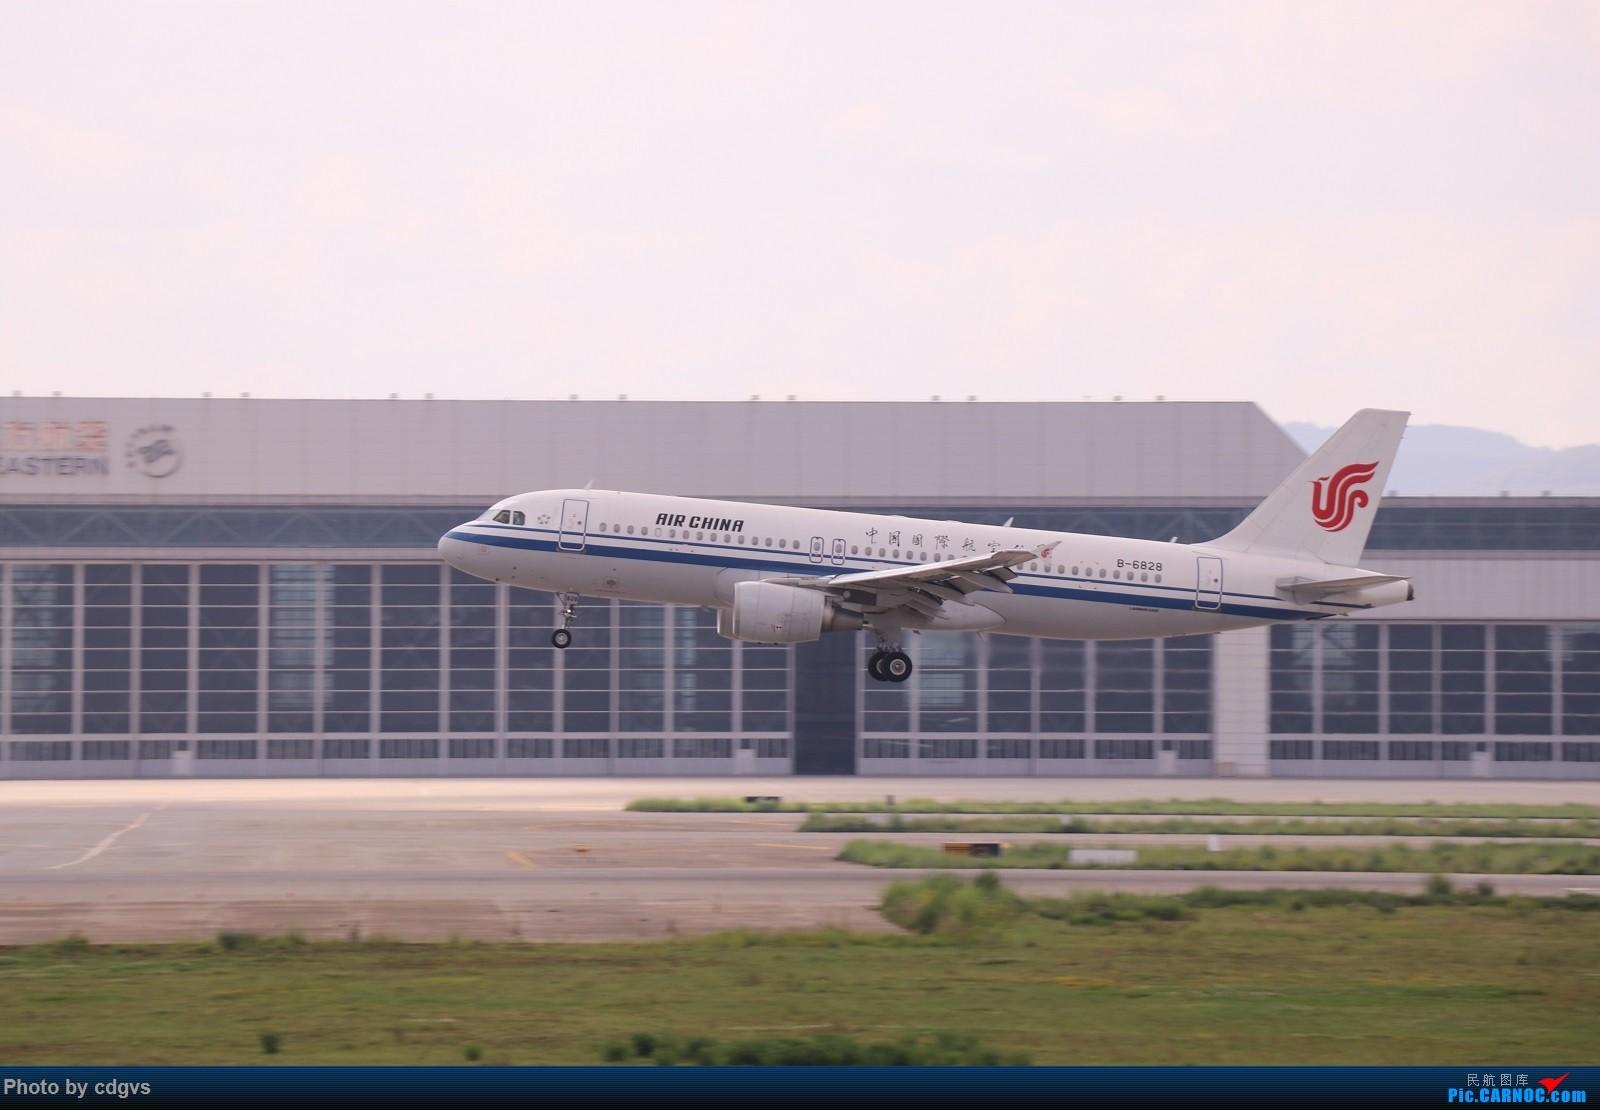 Re:[原创]【KMG】昆明的一天 1600大图 一次看个爽 AIRBUS A320-200 B-6828 中国昆明长水国际机场